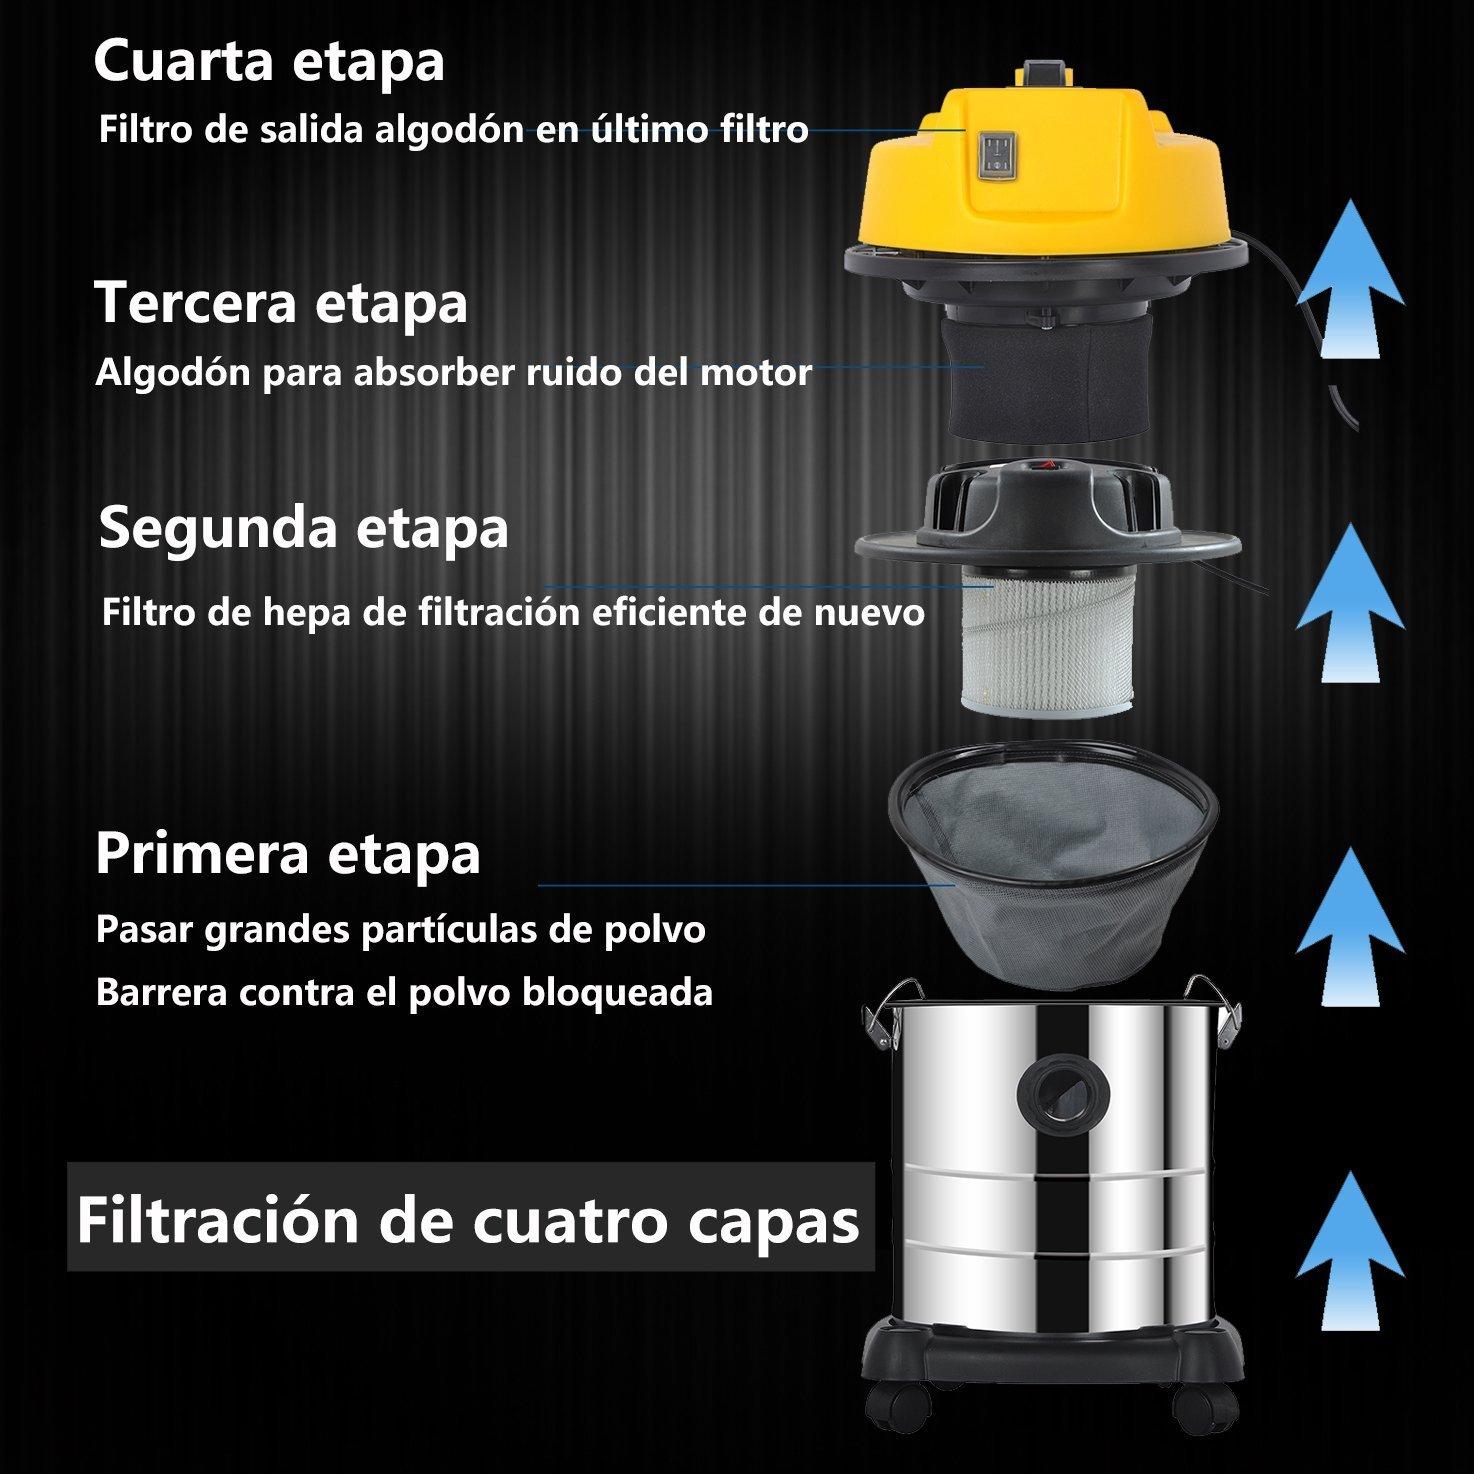 MODERN LIFE 20 L Aspiradora Agua y Polvo 2 en 1 Acero Inoxidable, Negro y Amarillo Aspiradora 1200W, Motor Potente con 3 Bolsa de Polvo: Amazon.es: ...